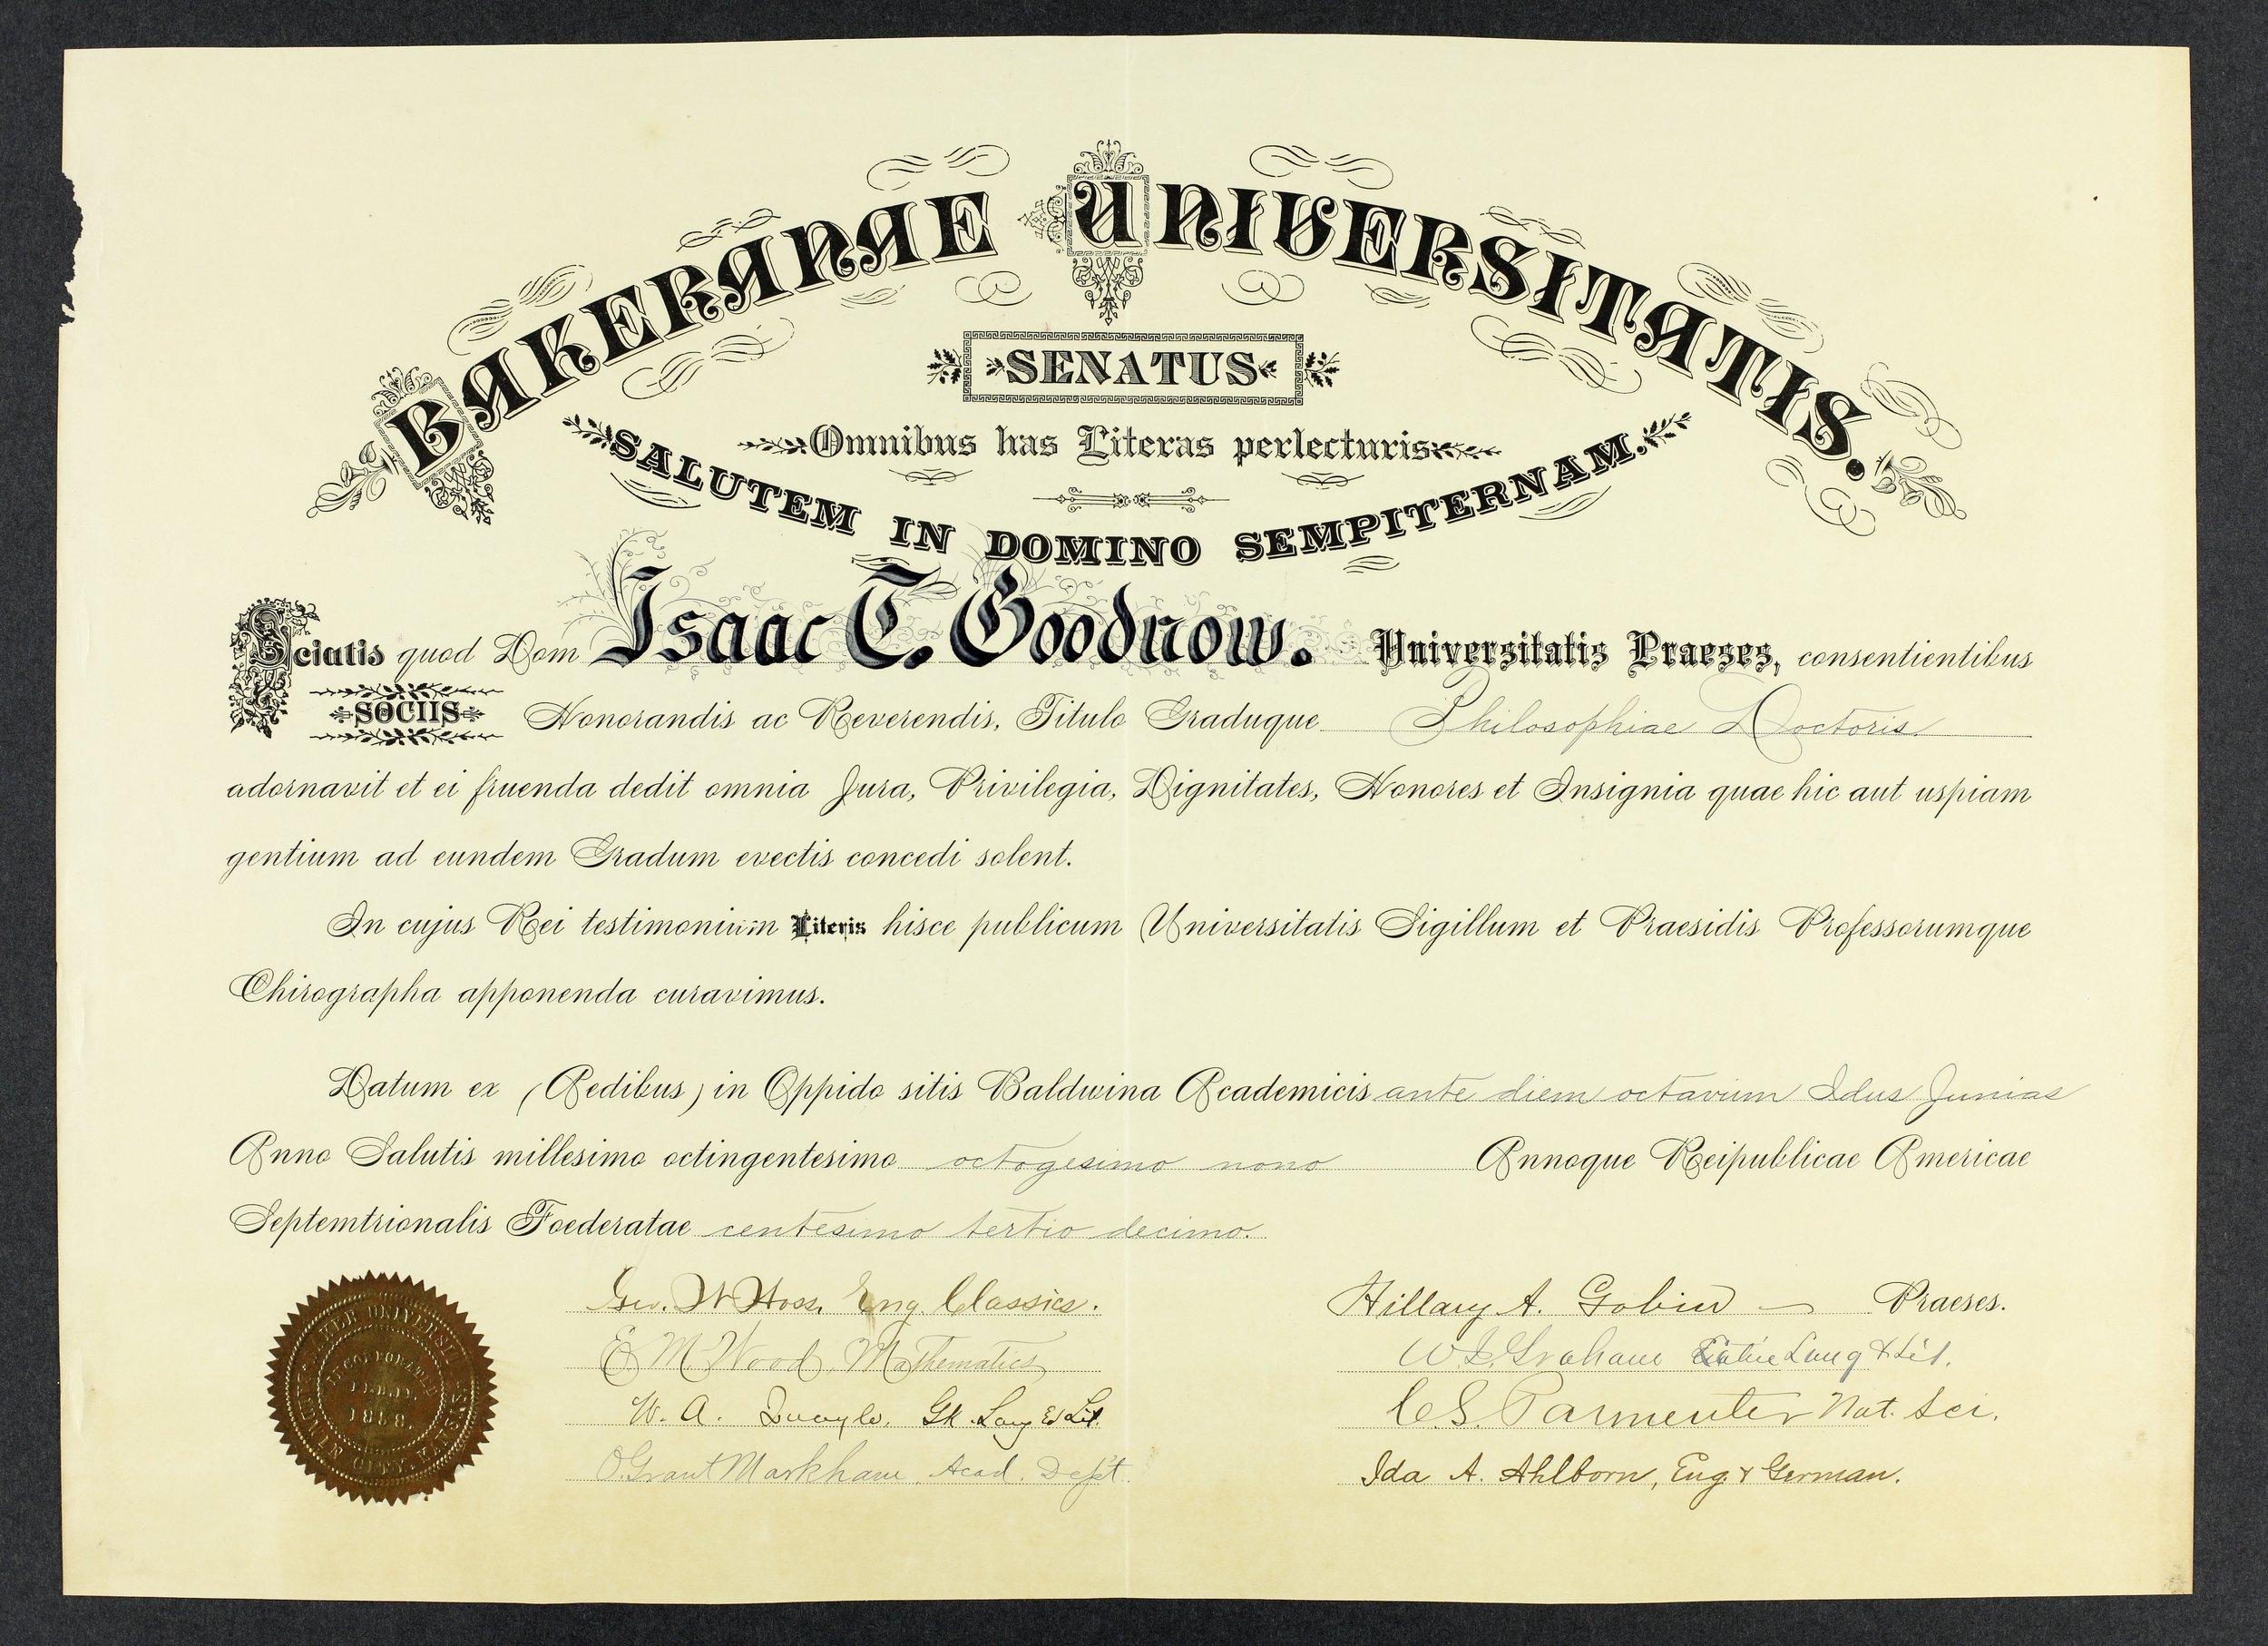 Isaac T. Goodnow diplomas - 2